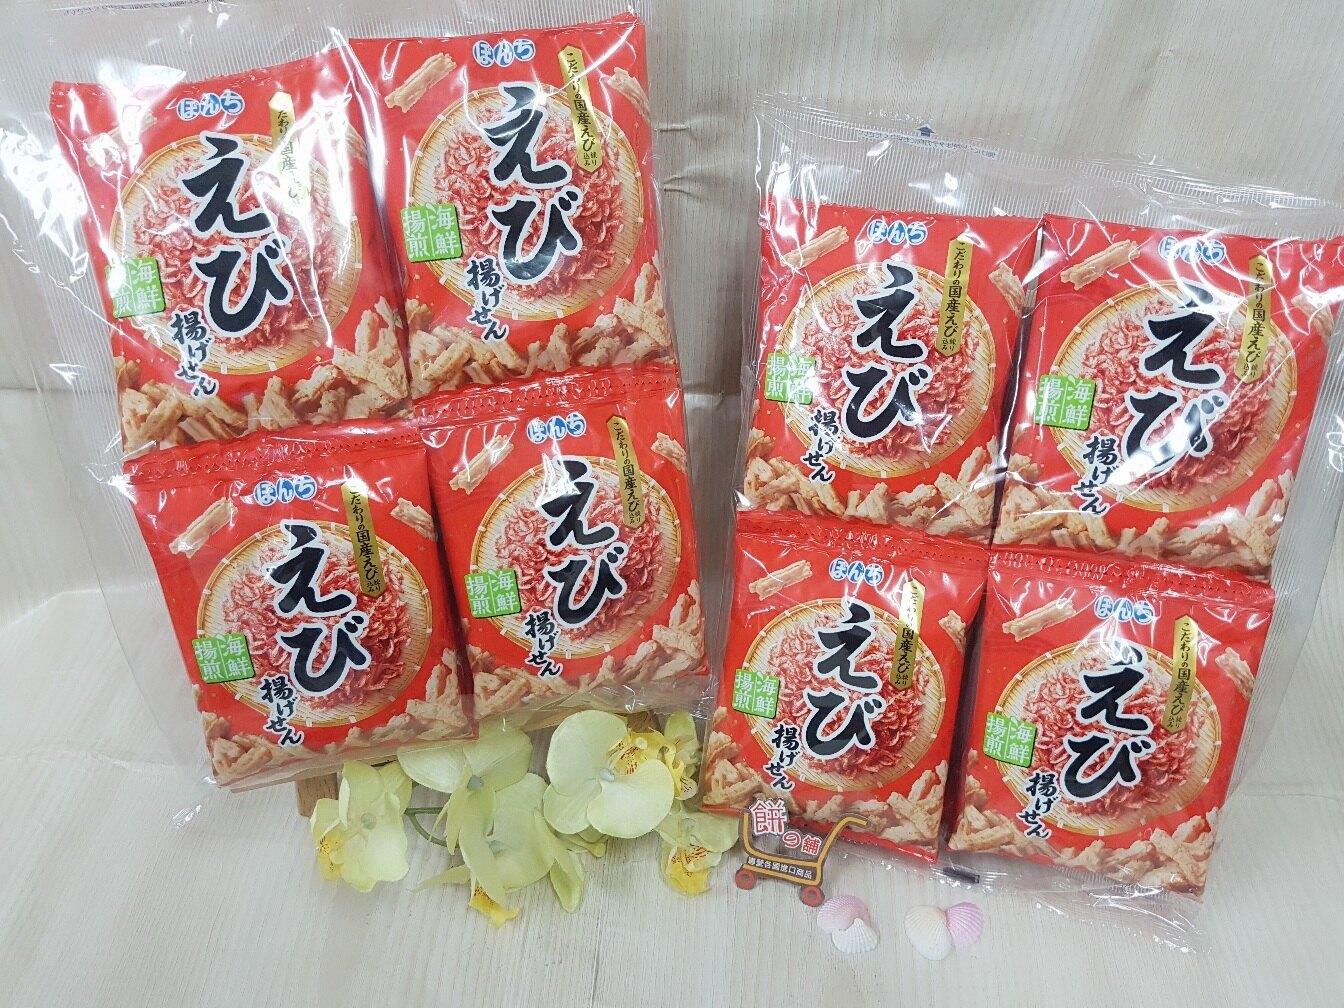 日本-夢奇10袋入蝦味米果-190g包